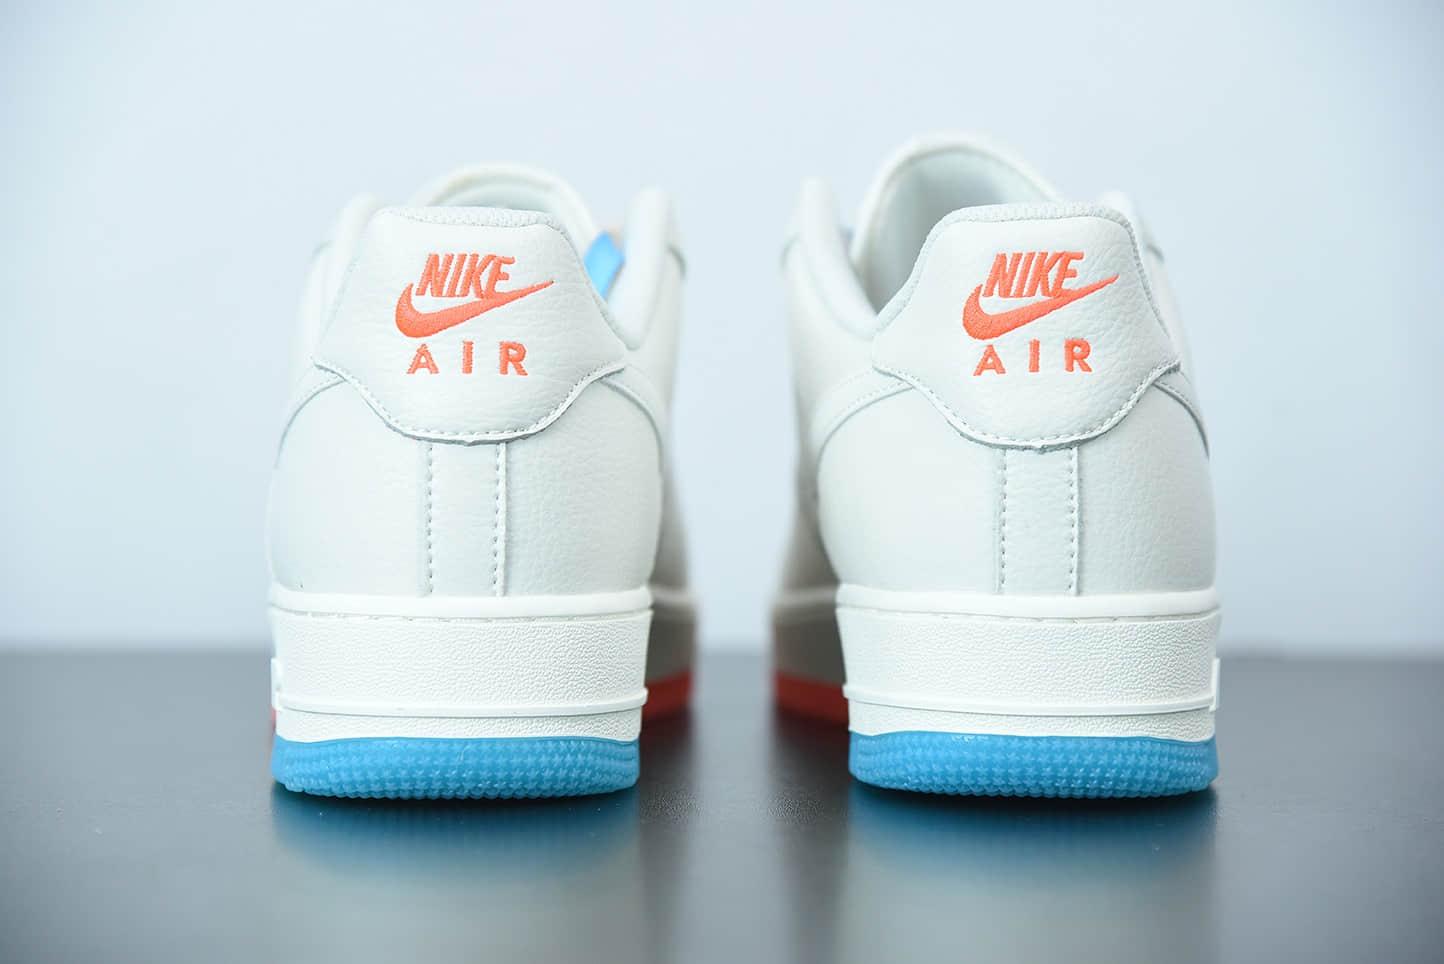 耐克 Nike Air Force 1 白橙蓝双钩空军一号低帮运动休闲板鞋纯原版本 货号:CT1989-103